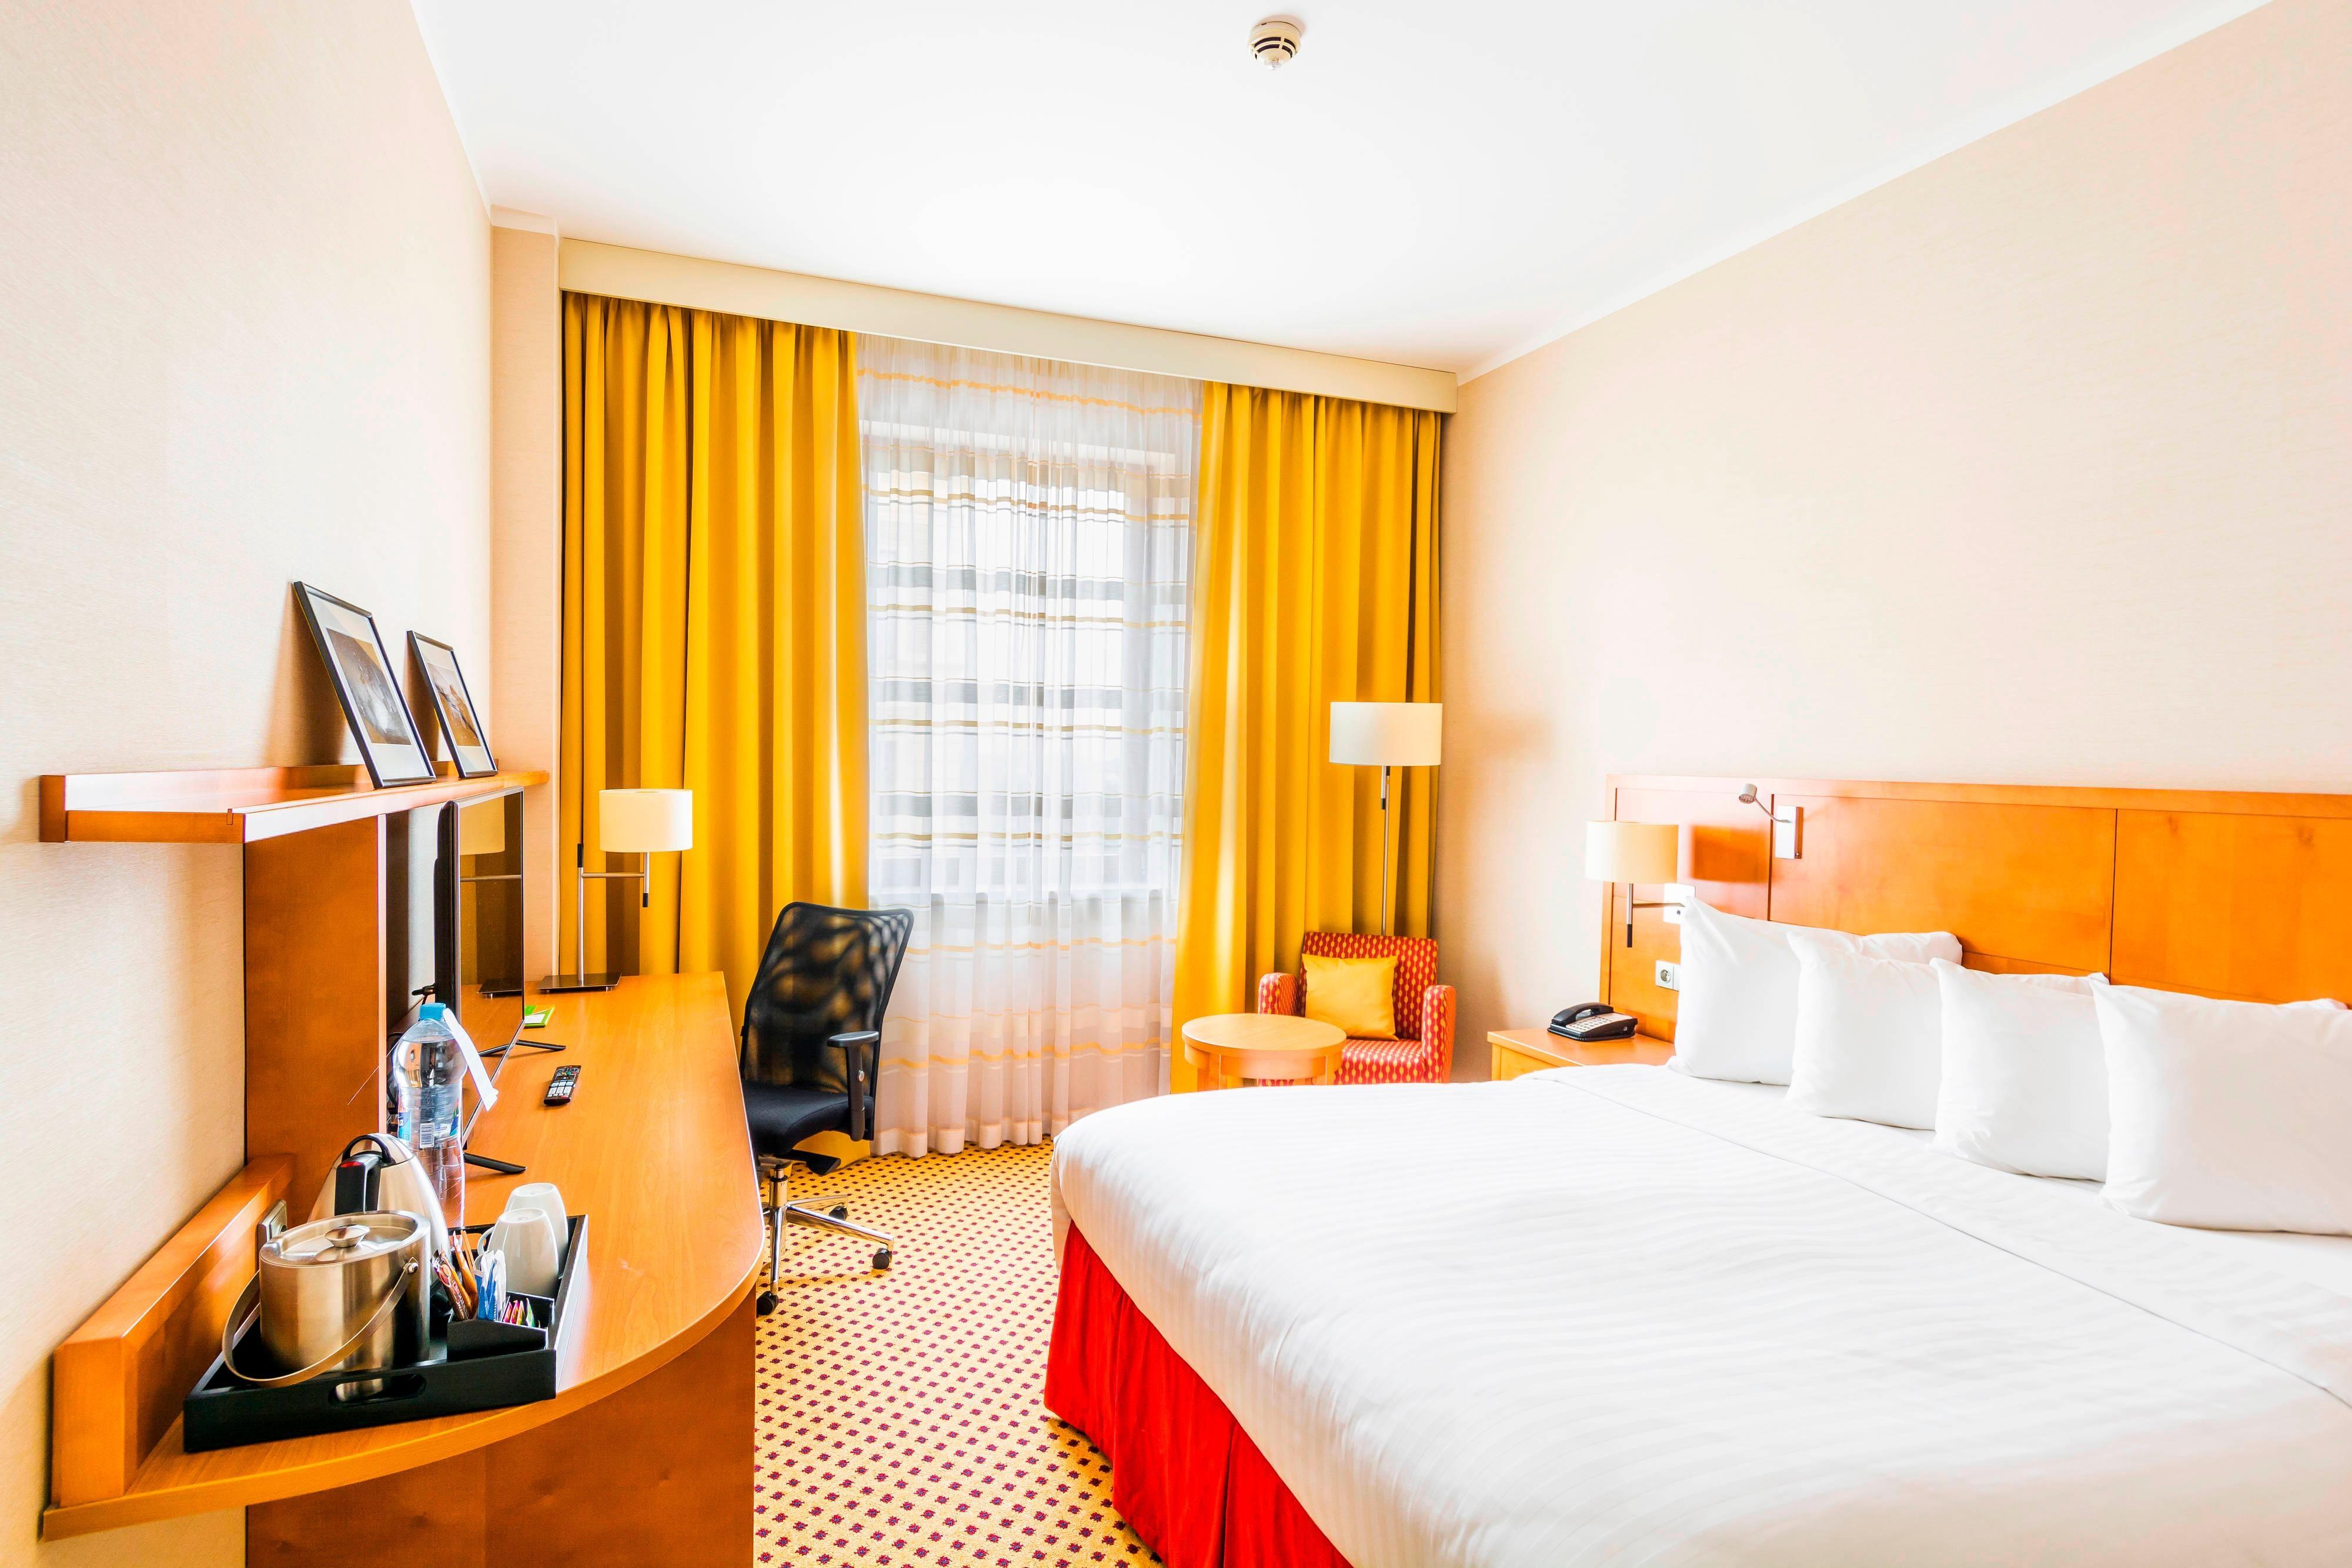 Pilsen hotel guestroom features